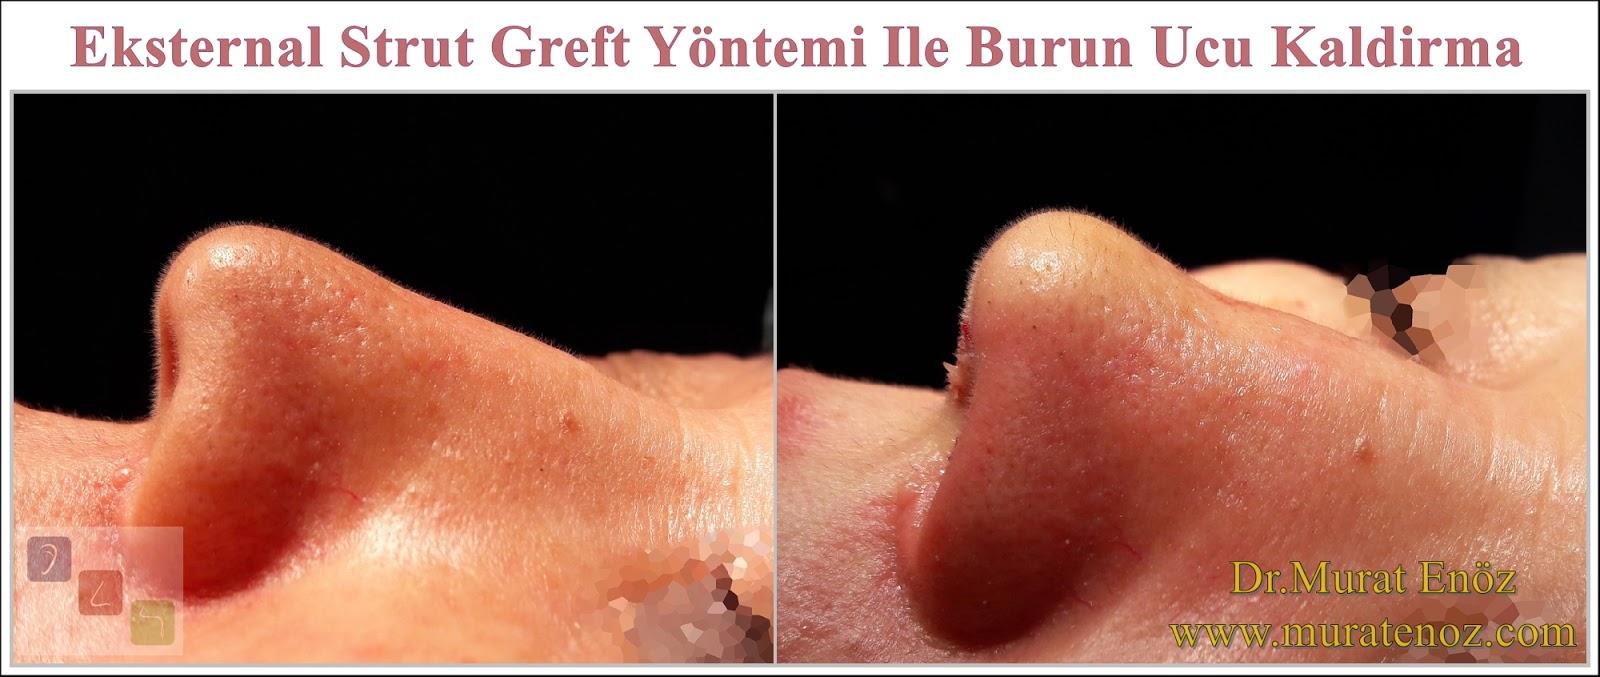 Eksternal Strut Greft Yöntemi - Burun Ucu Kaldırma - Burun Kaldırma - Burun Ucu Düşmesi Tedavisi - Burun Ucu Sarkması Tedavisi - Nasal Tip Lifting - Nose Lift - Nose Lift Surgery - Lift Nose - Nose lift